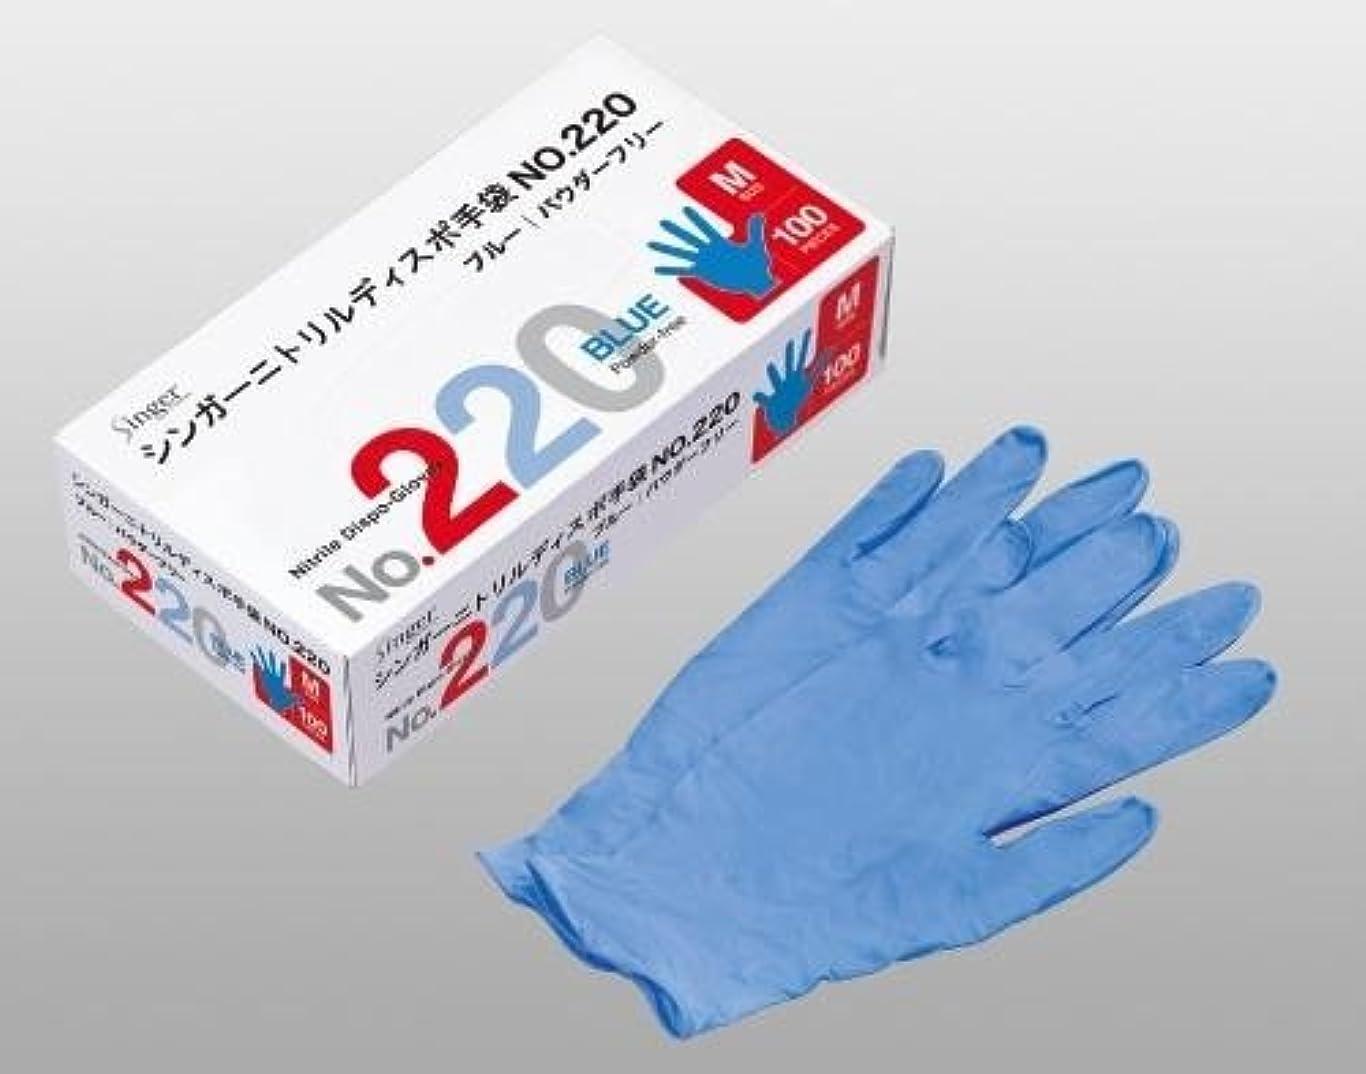 シェトランド諸島キャビンマーキーシンガーニトリルディスポ手袋 No.220 ブルー パウダーフリー(100枚) M